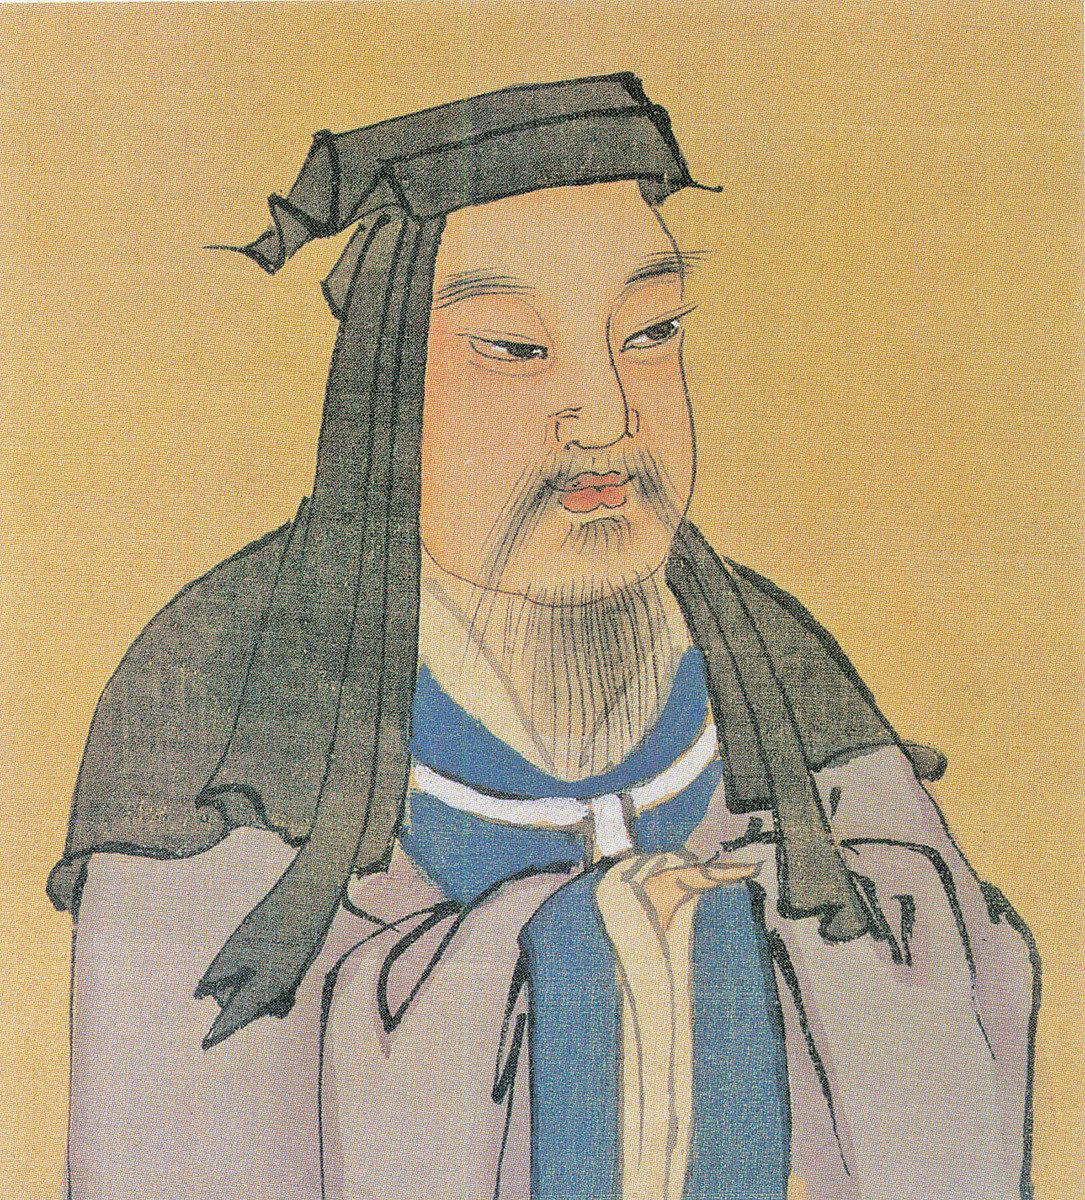 魏太祖曹操彩像,明人繪(公有領域)